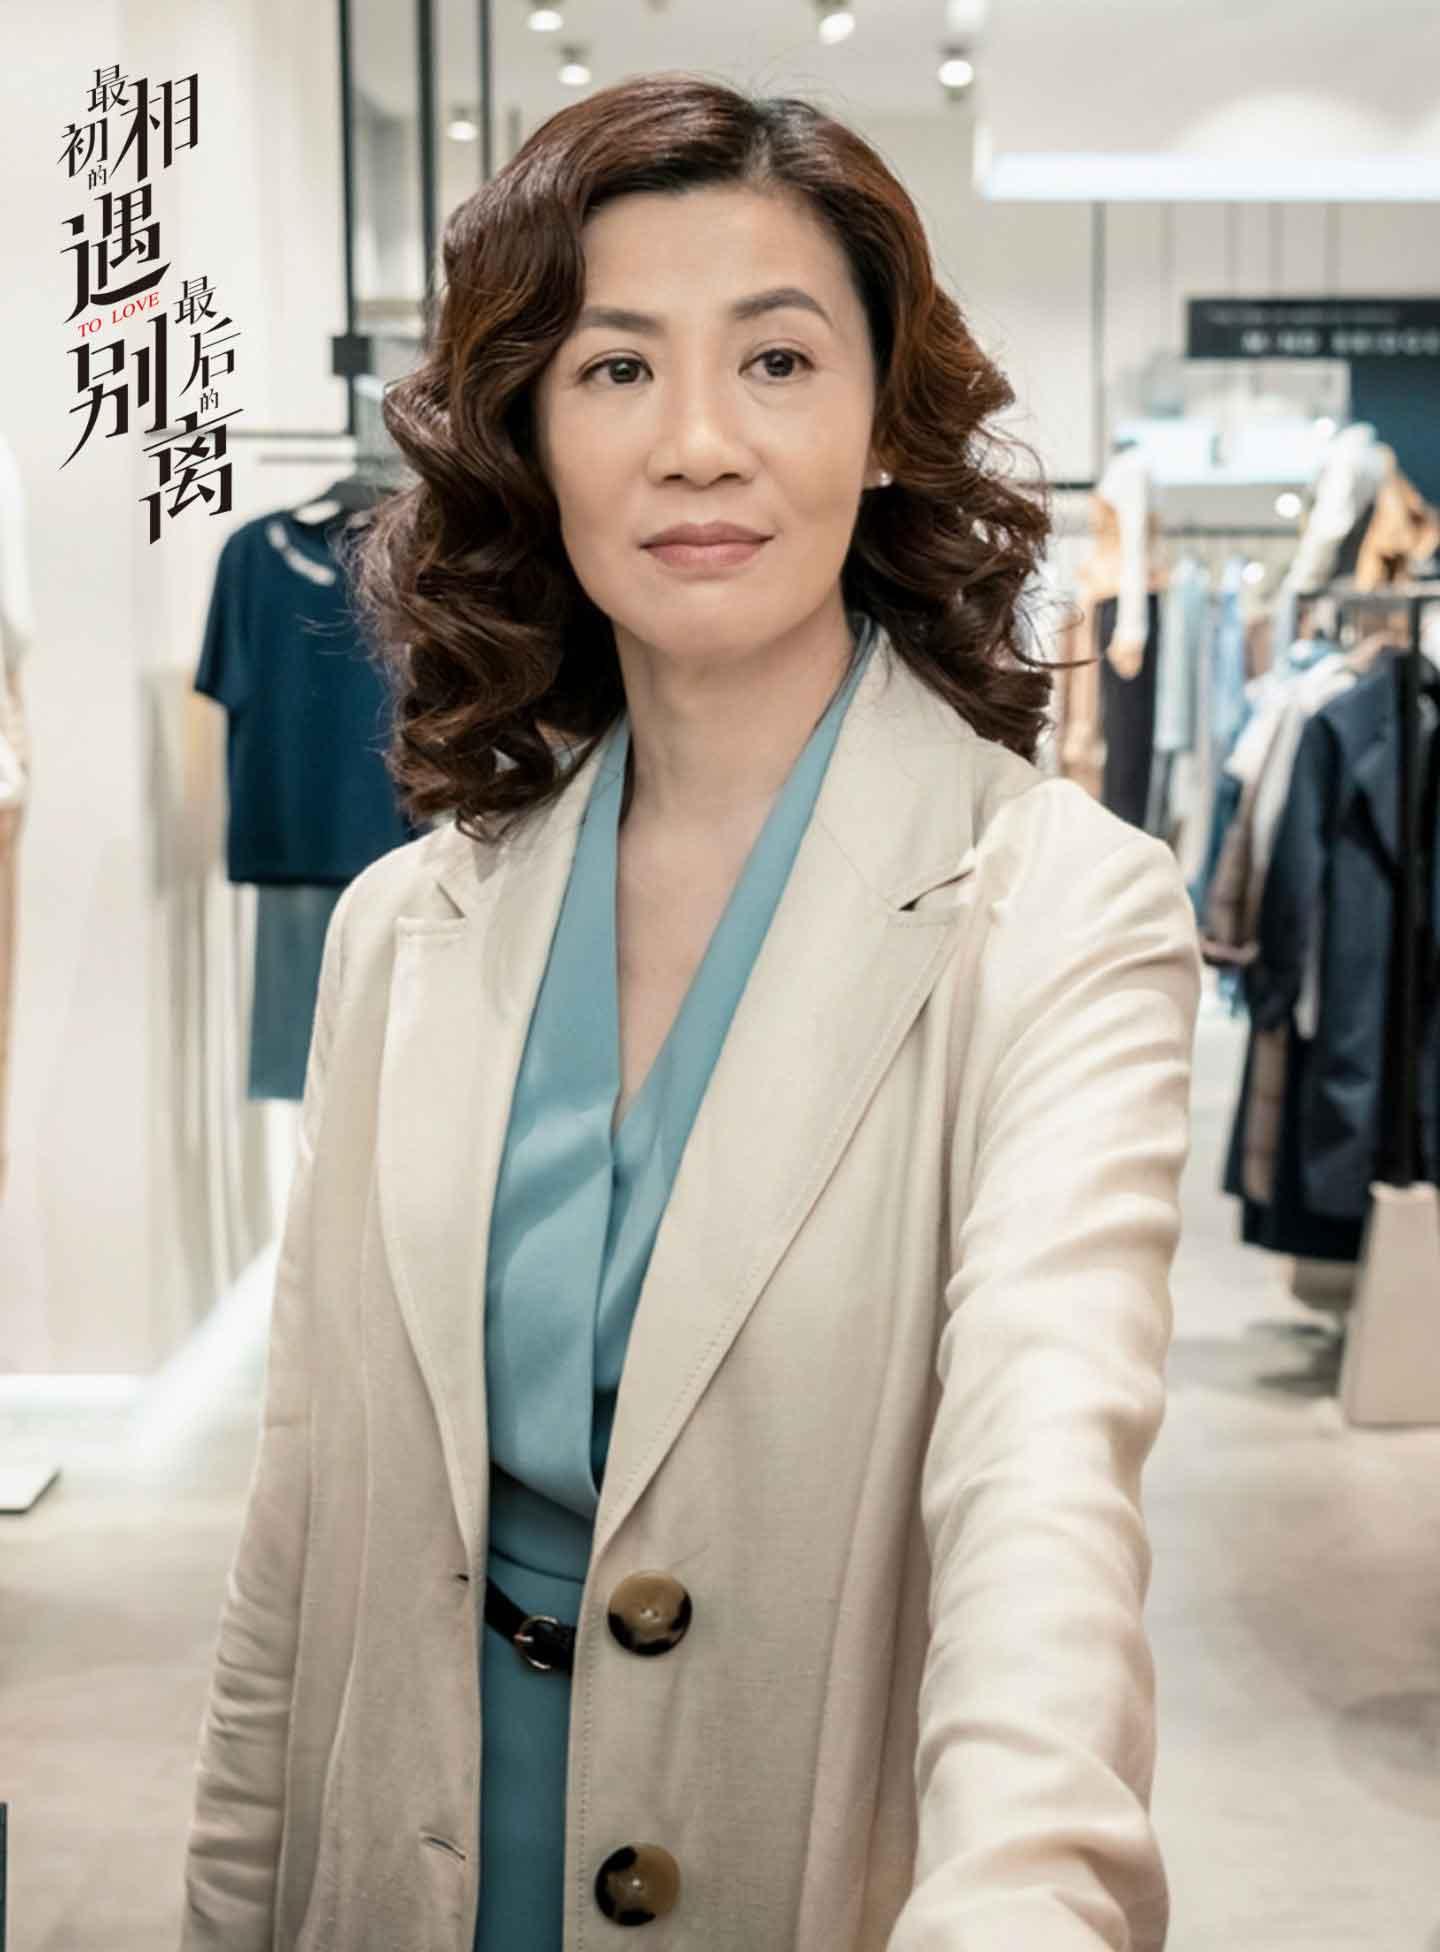 陈炜《最初的相遇,最后的别离》首播 时尚潮妈上演反差萌